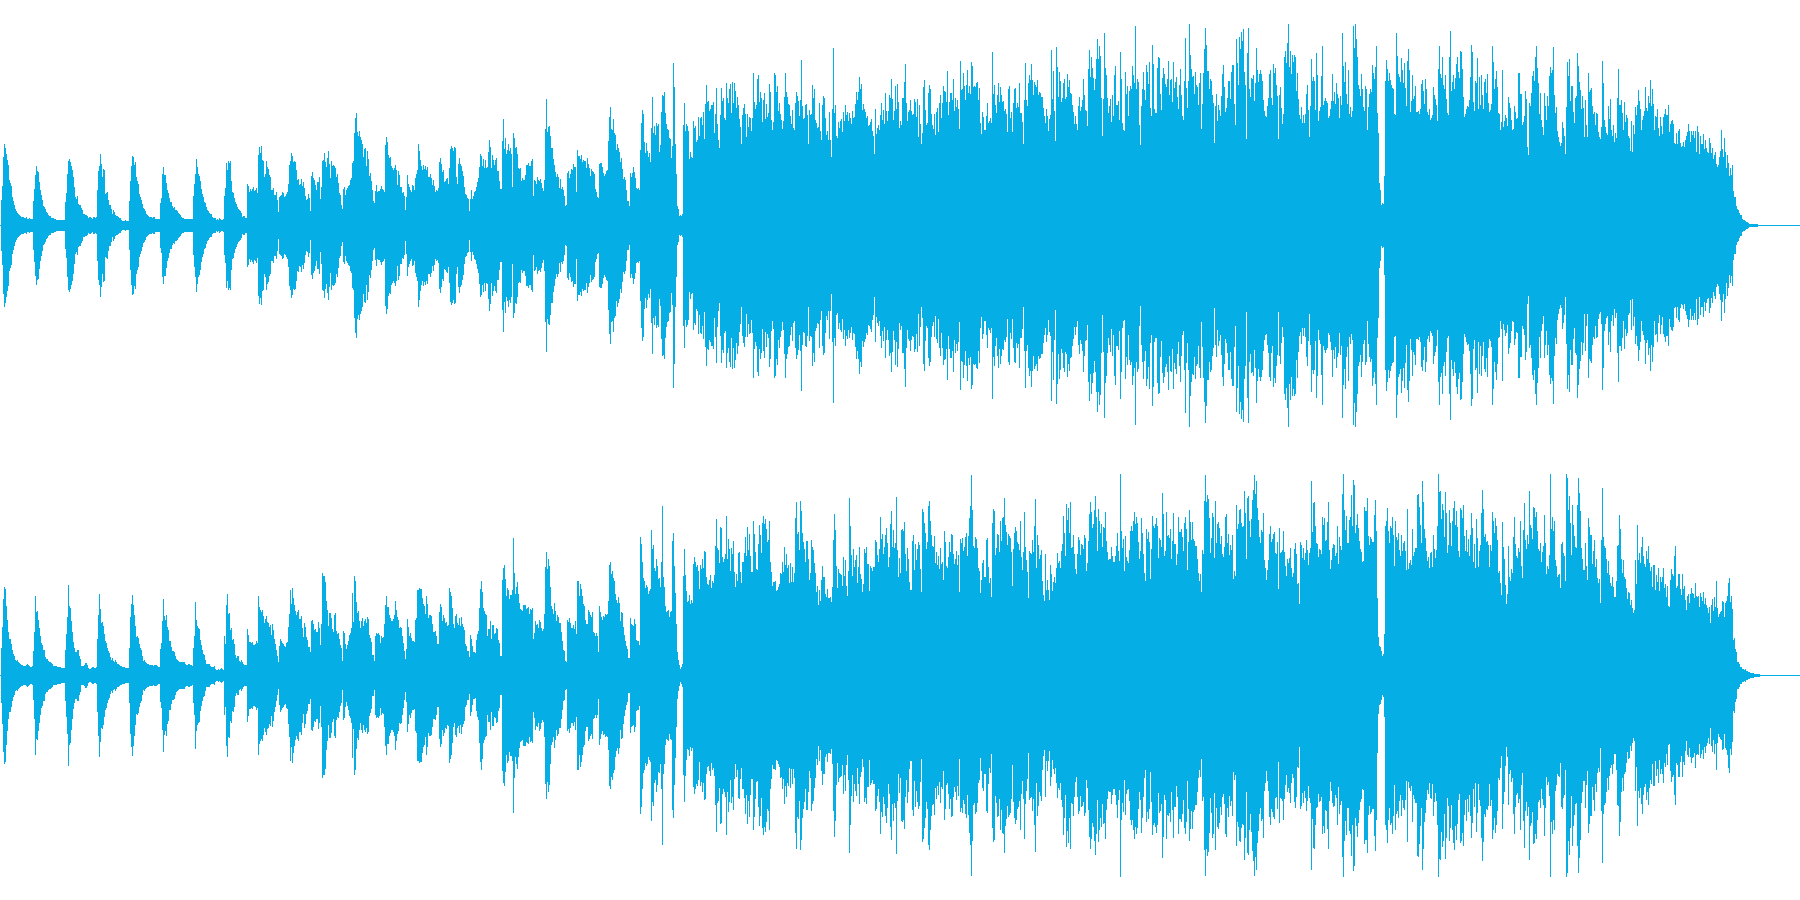 サックスが旋律を奏でるインスト曲の再生済みの波形